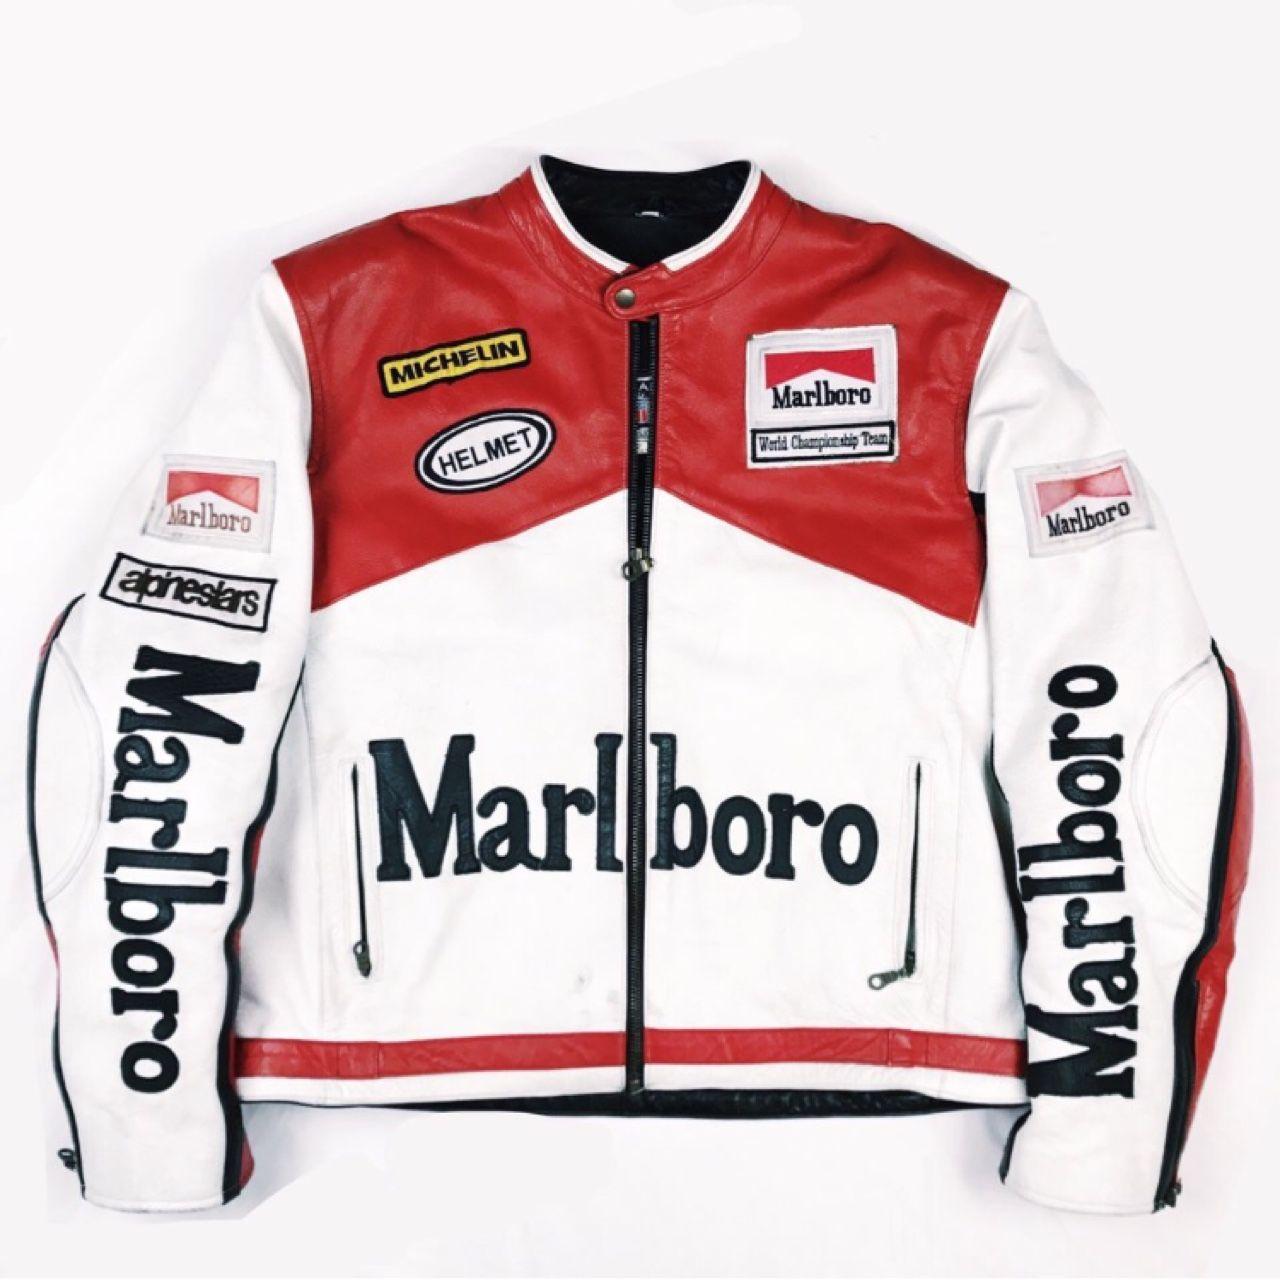 Vintage Marlboro Racing Leather Jacket Marlboro Jacket Jackets Marlboro Clothing